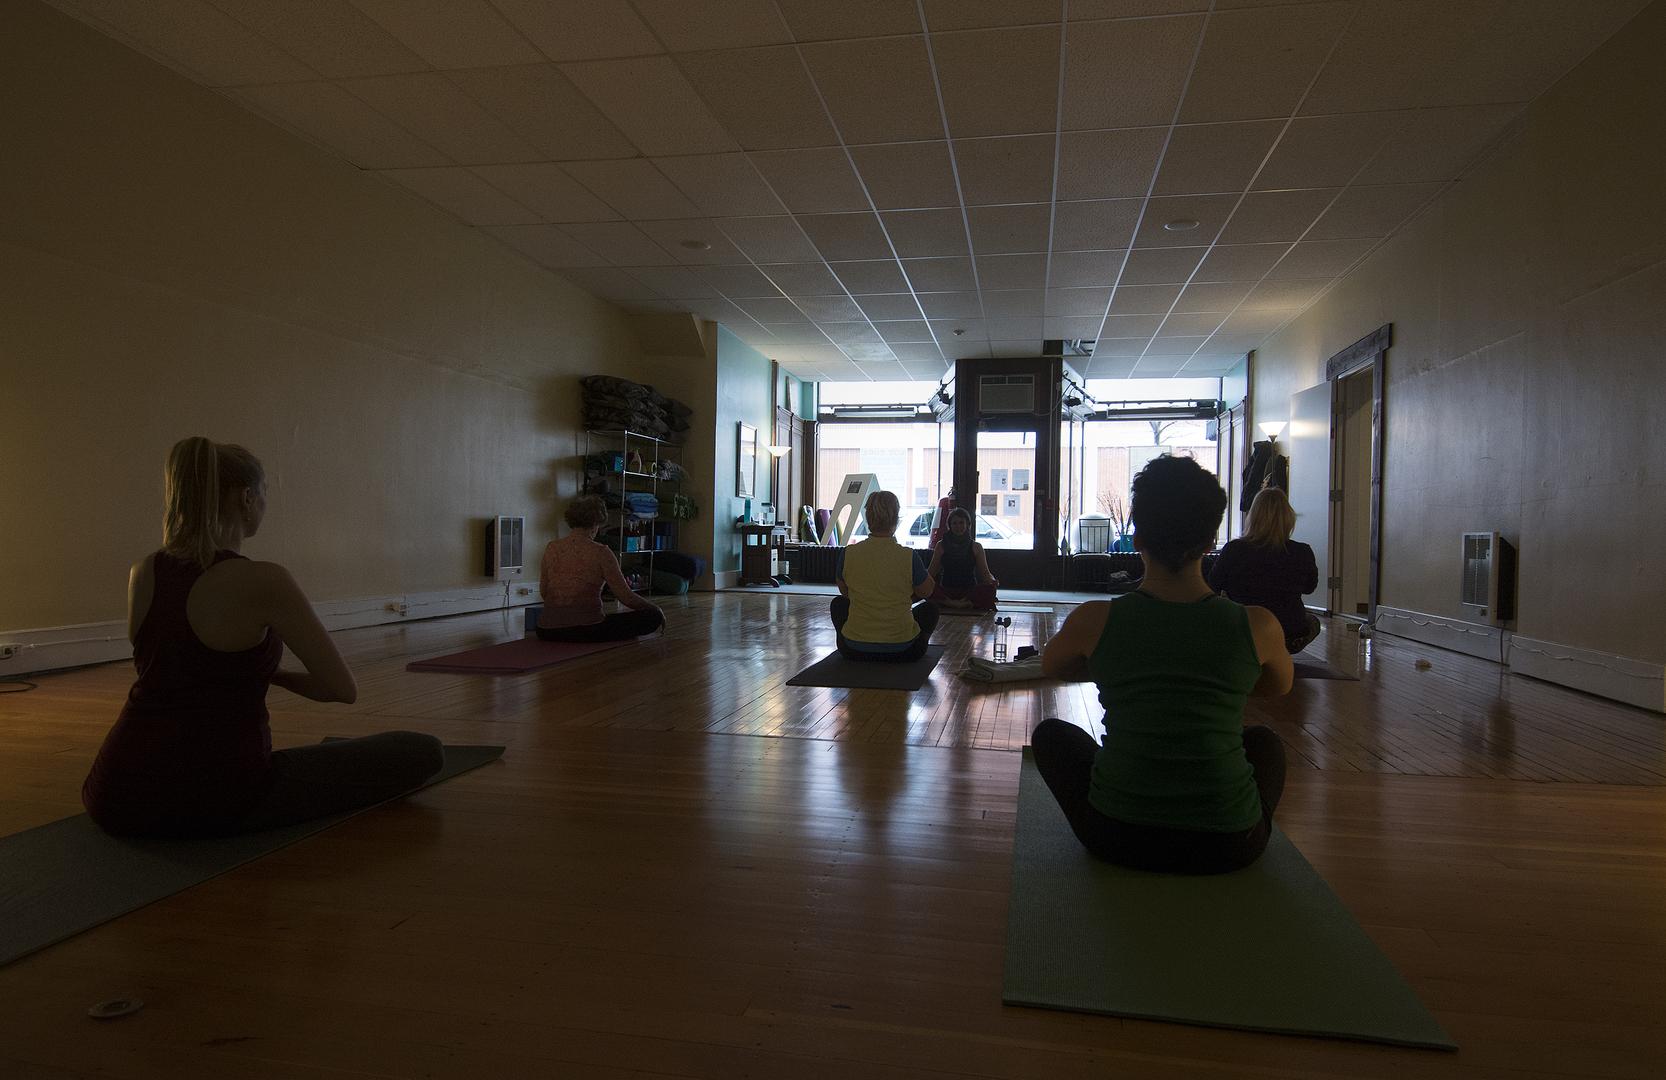 Infinity Chiropractic Wellness Yoga - Infinity chiropractic